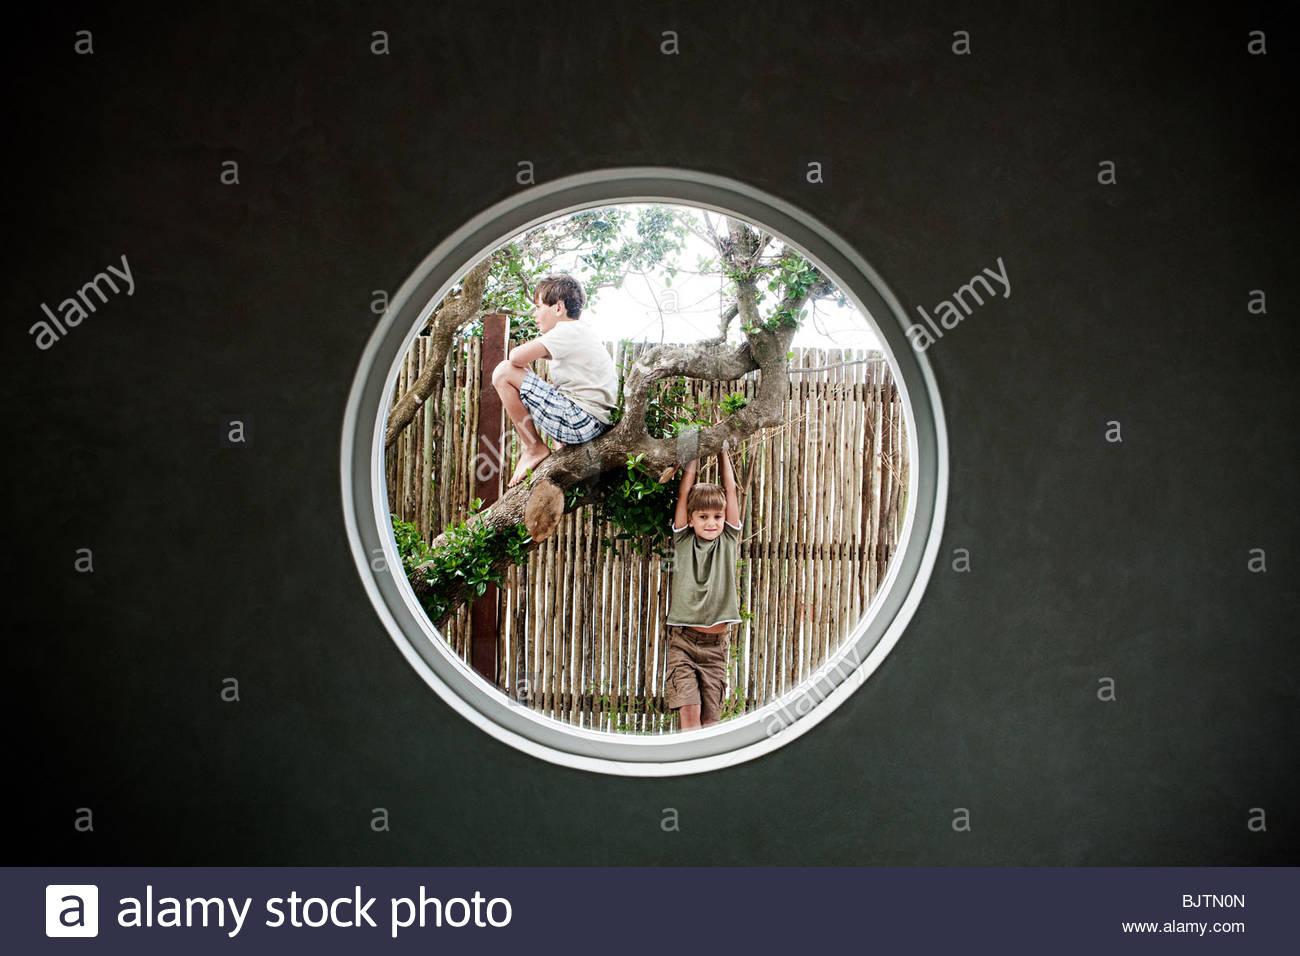 Les garçons on tree vu à travers la paroi en cercle Photo Stock